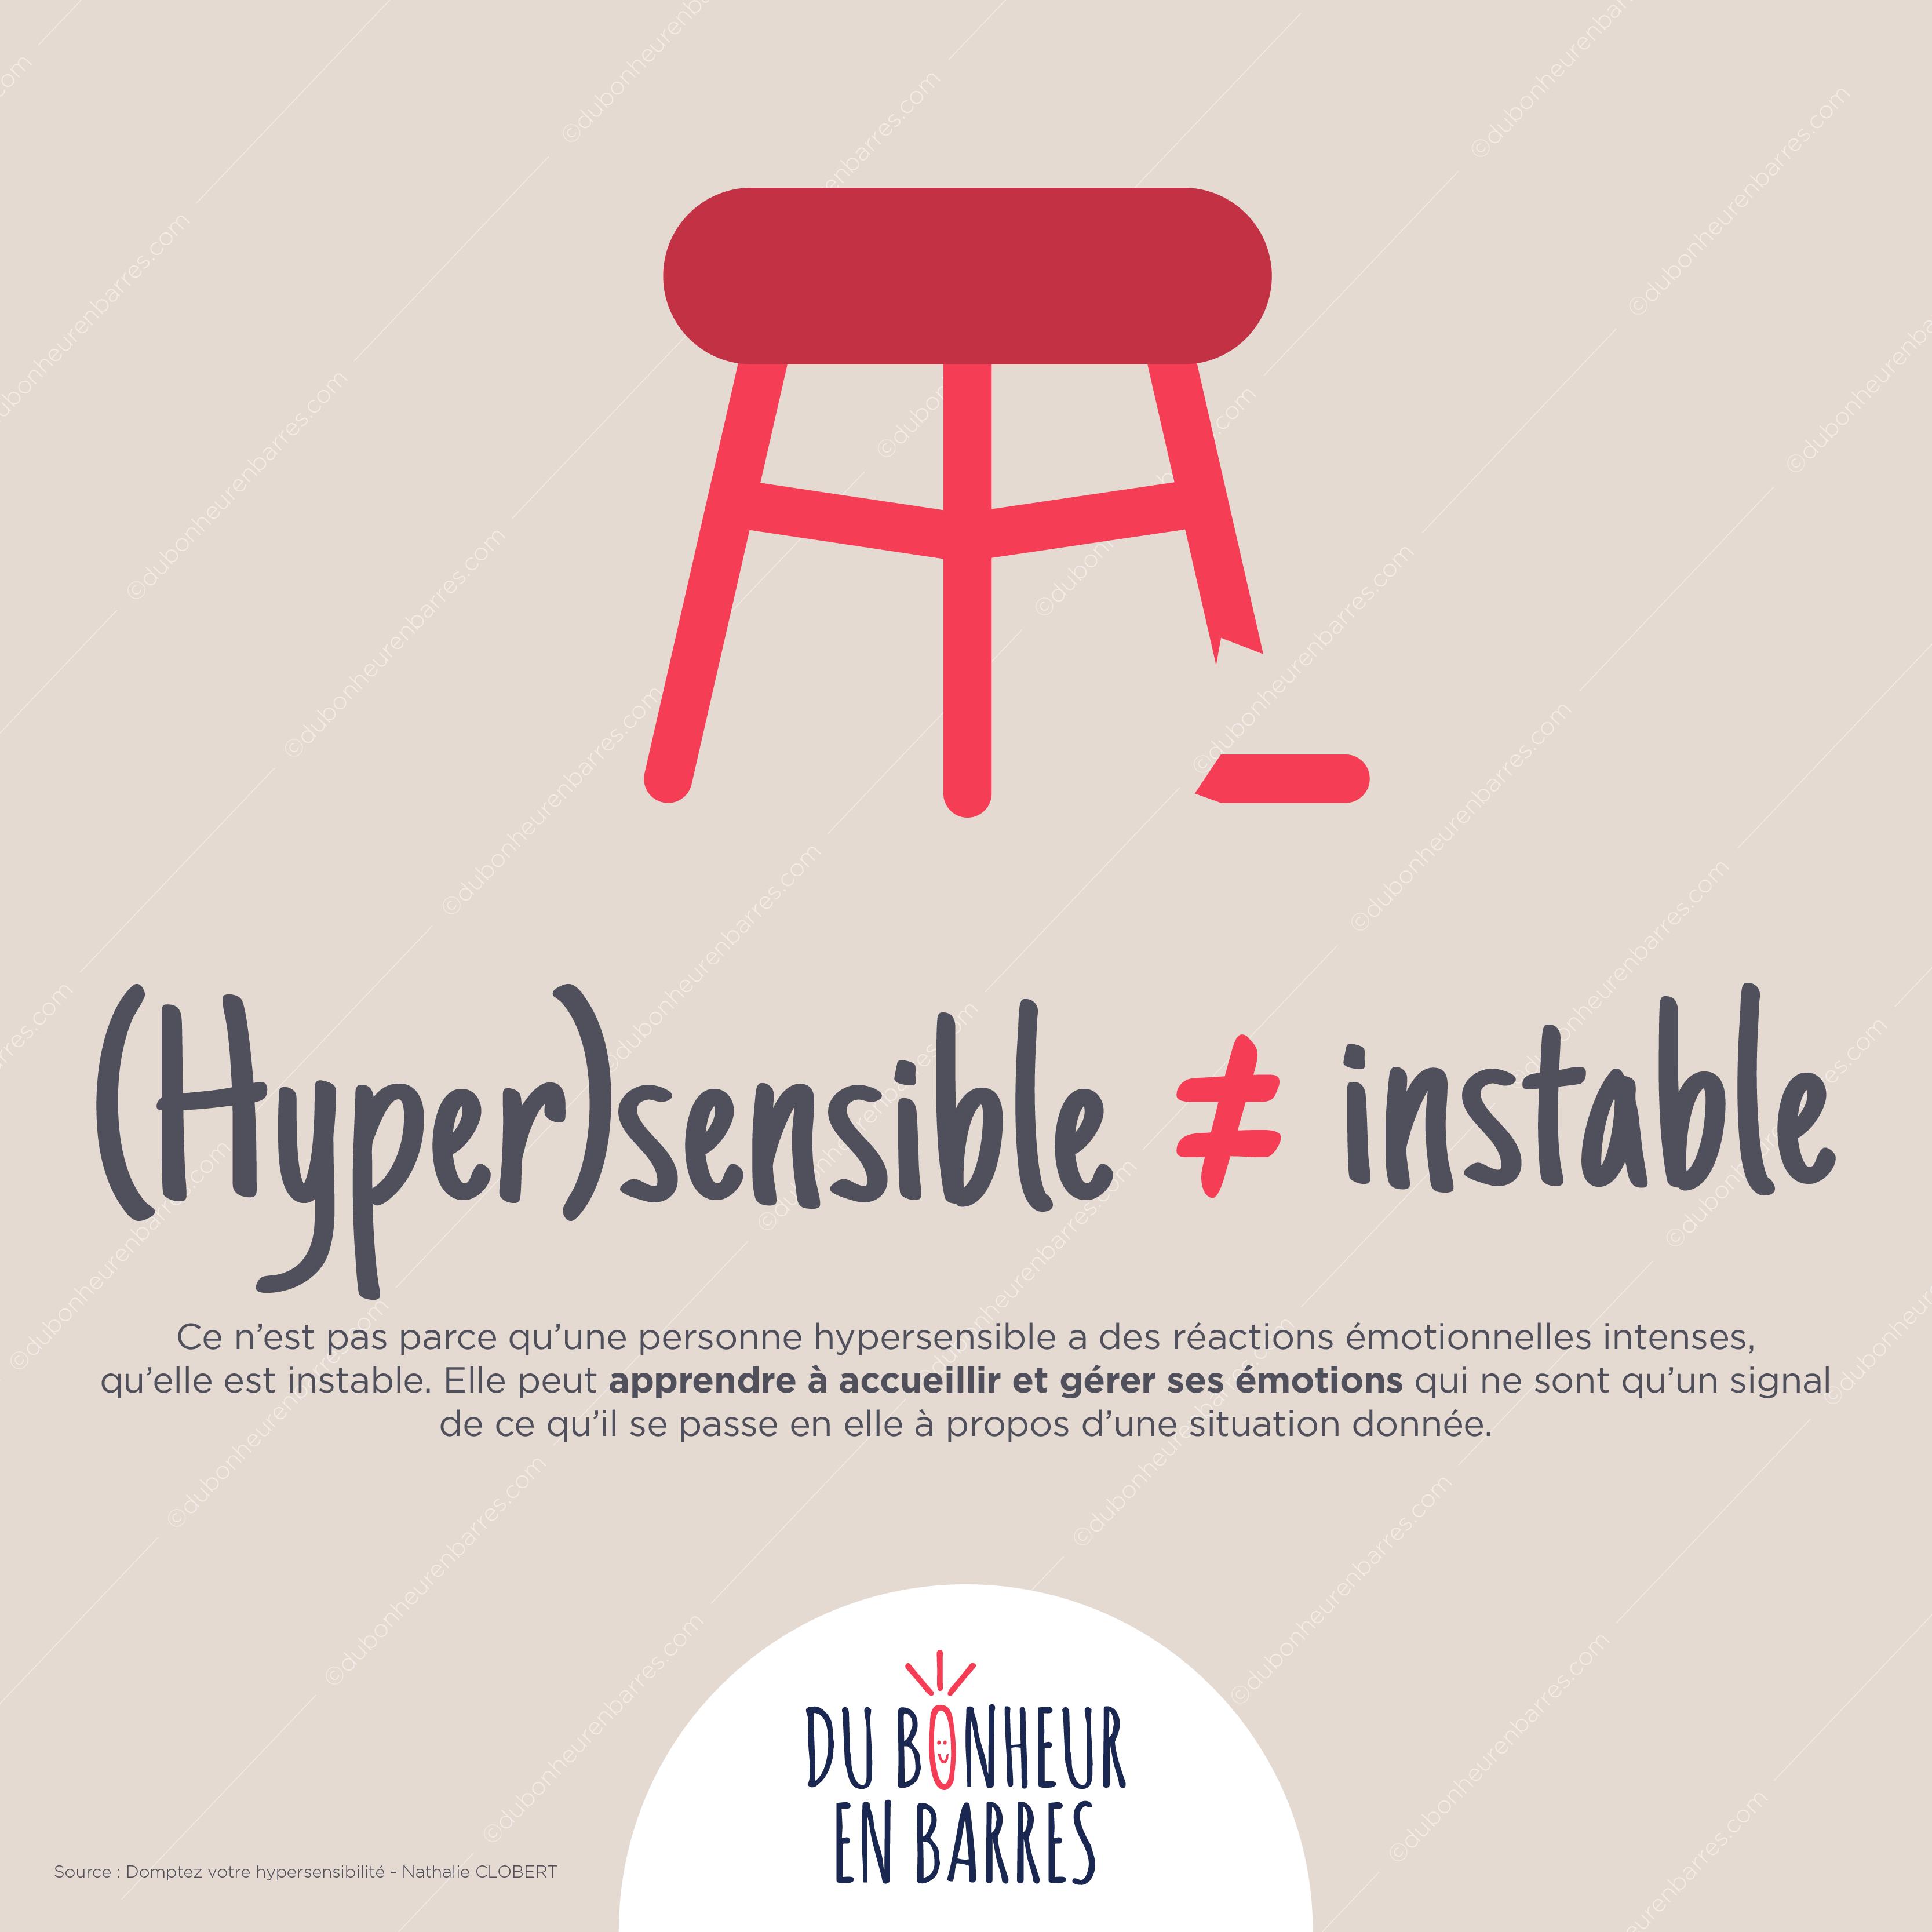 Hypersensible ne veut pas dire instable